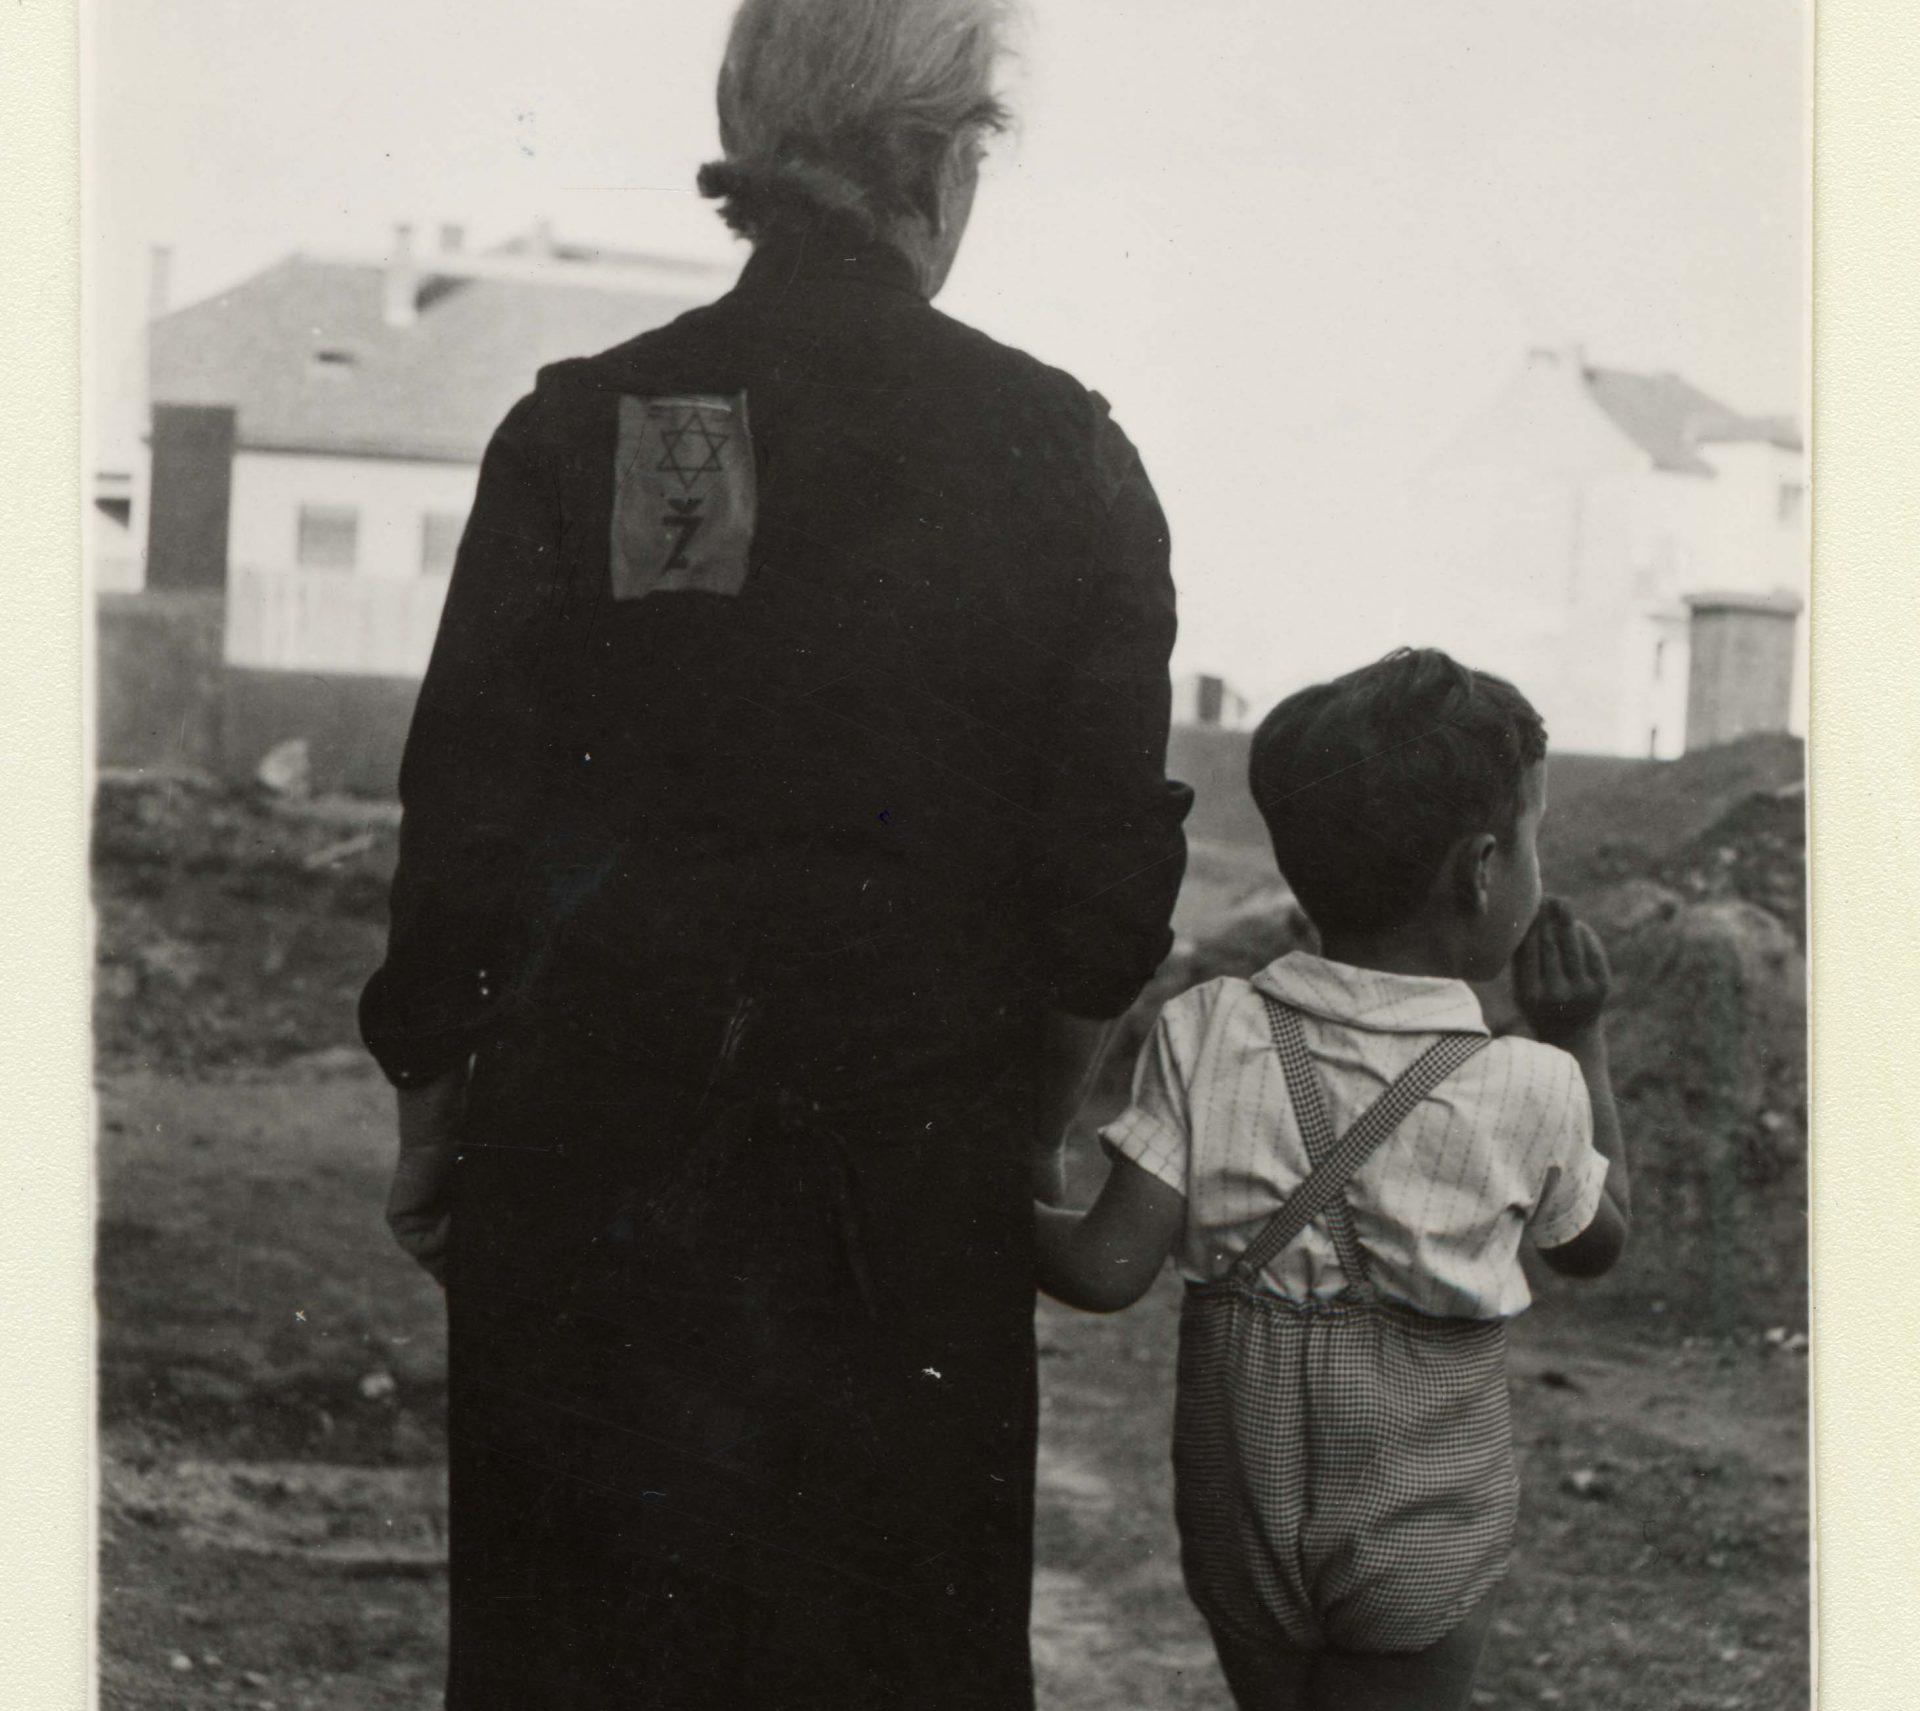 Emil Svarc et sa grand-mère, de dos, qui porte le badge d'identification obligatoire pour les Juifs croates sur sa robe.